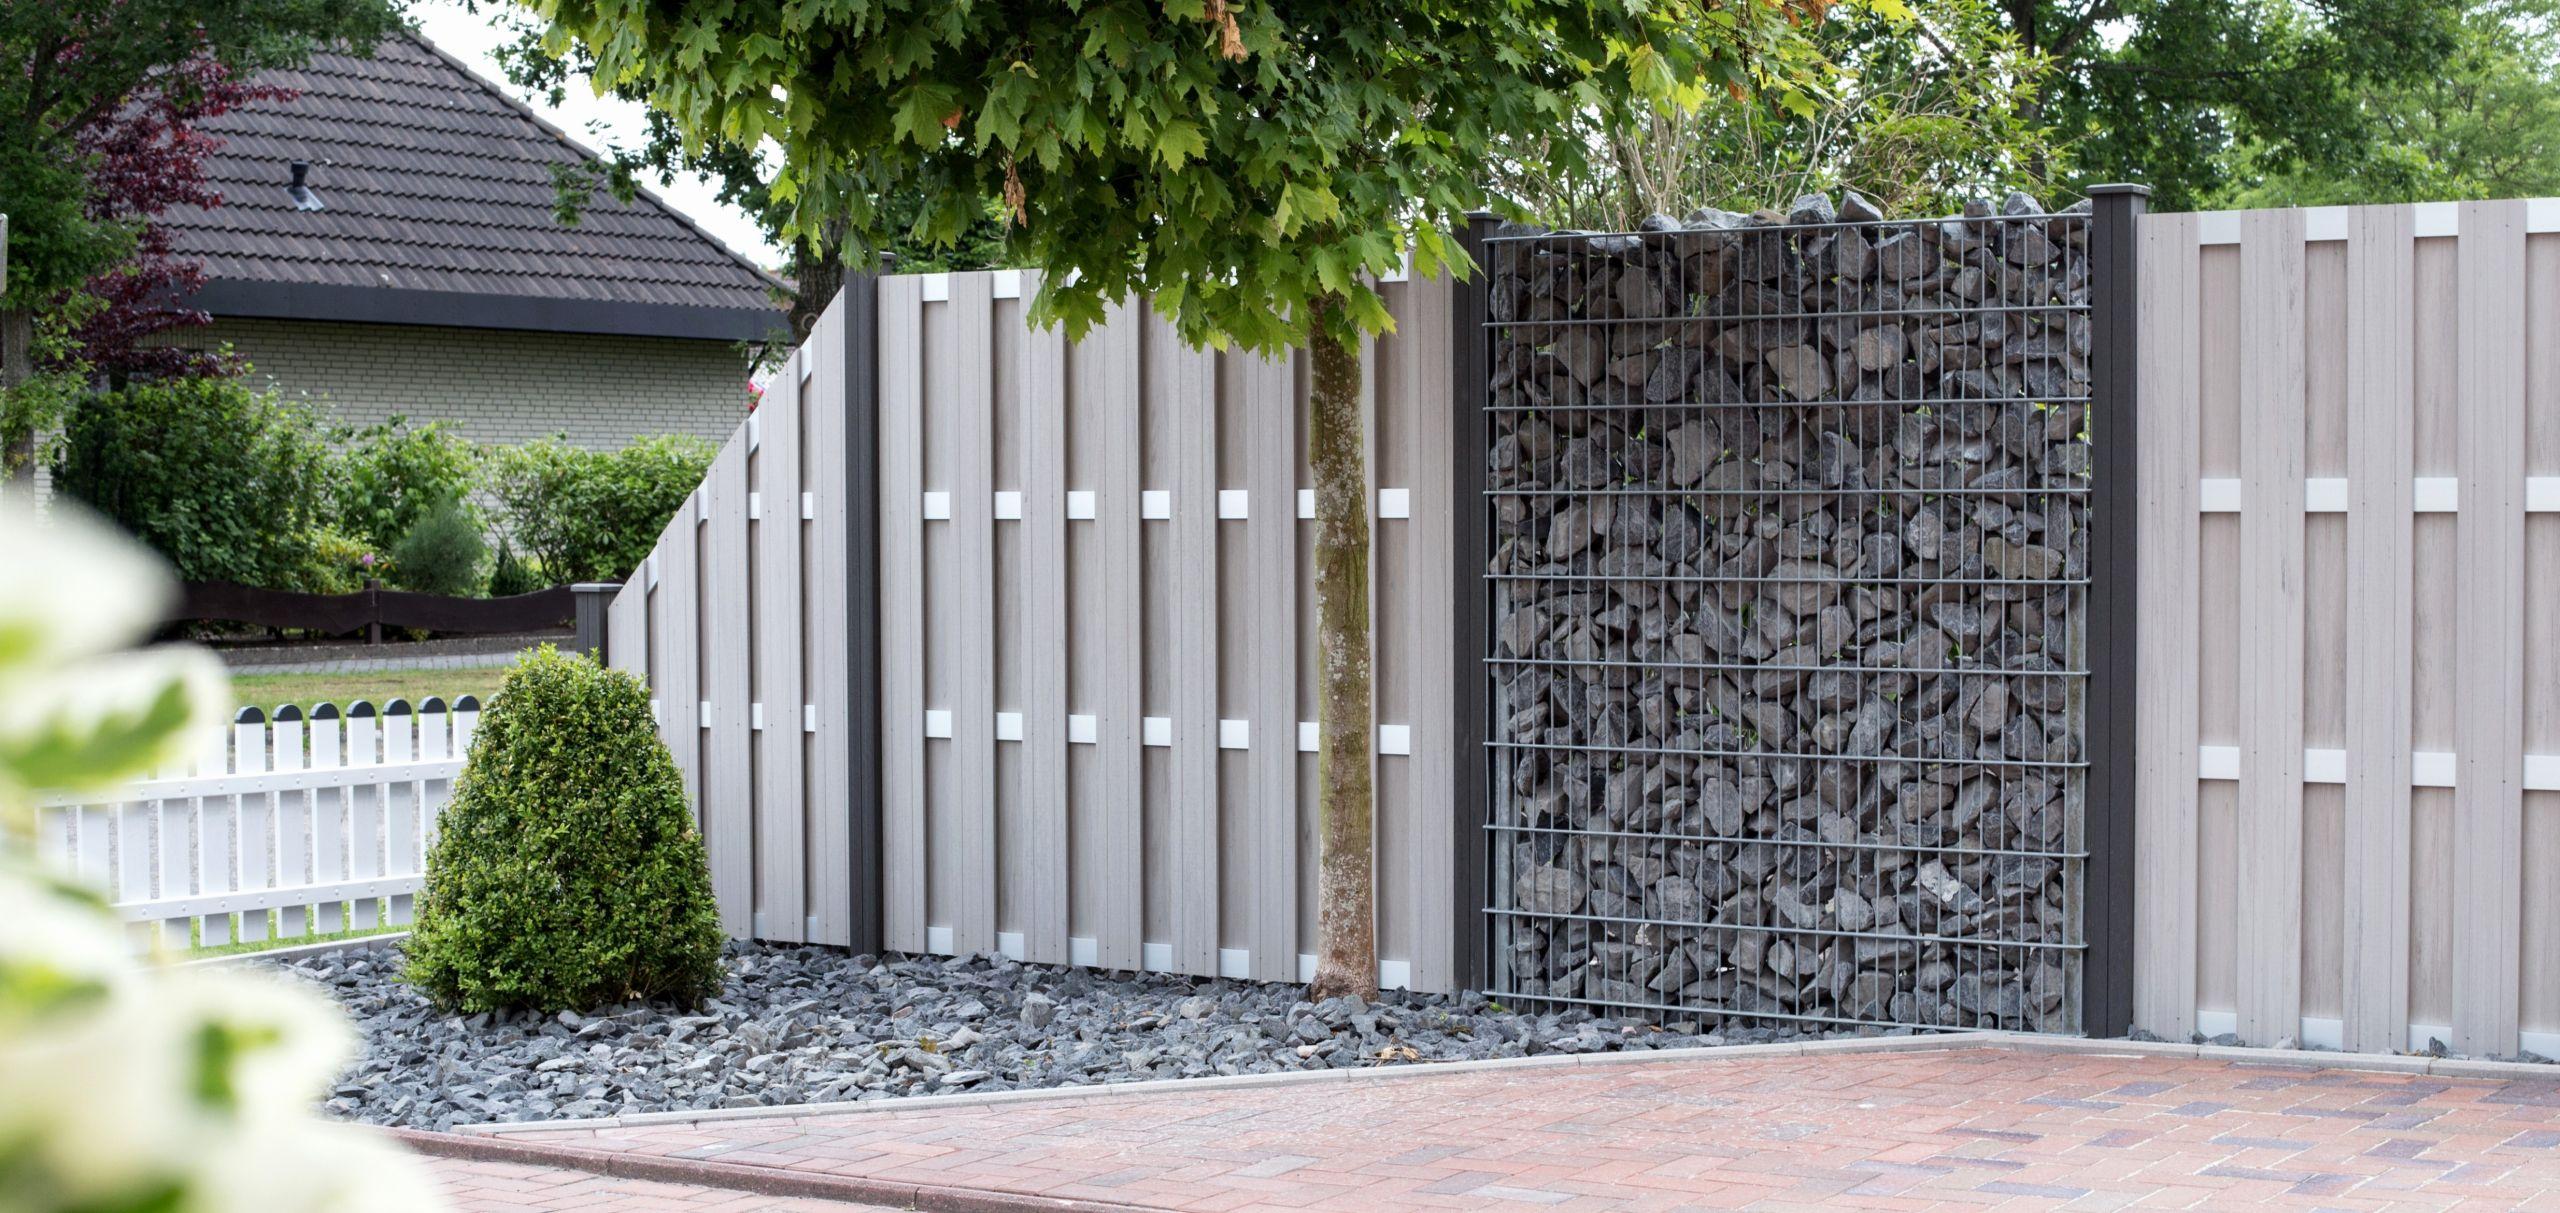 Meuble Veranda Charmant Meuble Pour Terrasse 96 Concept Meuble Rangement Terrasse Tr